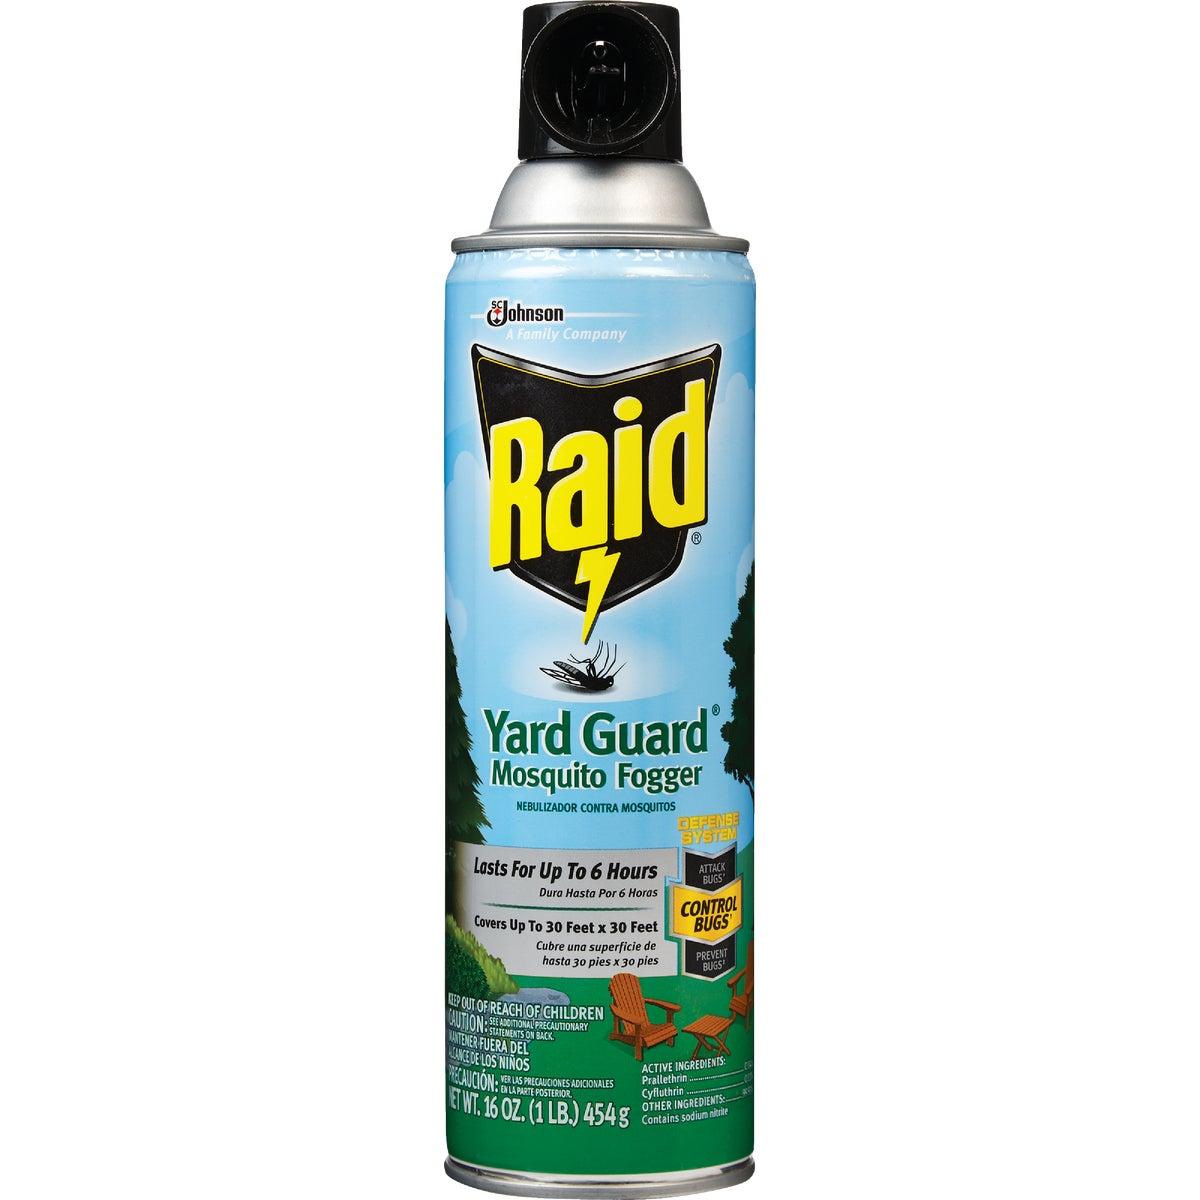 Yard Guard Bug Spray